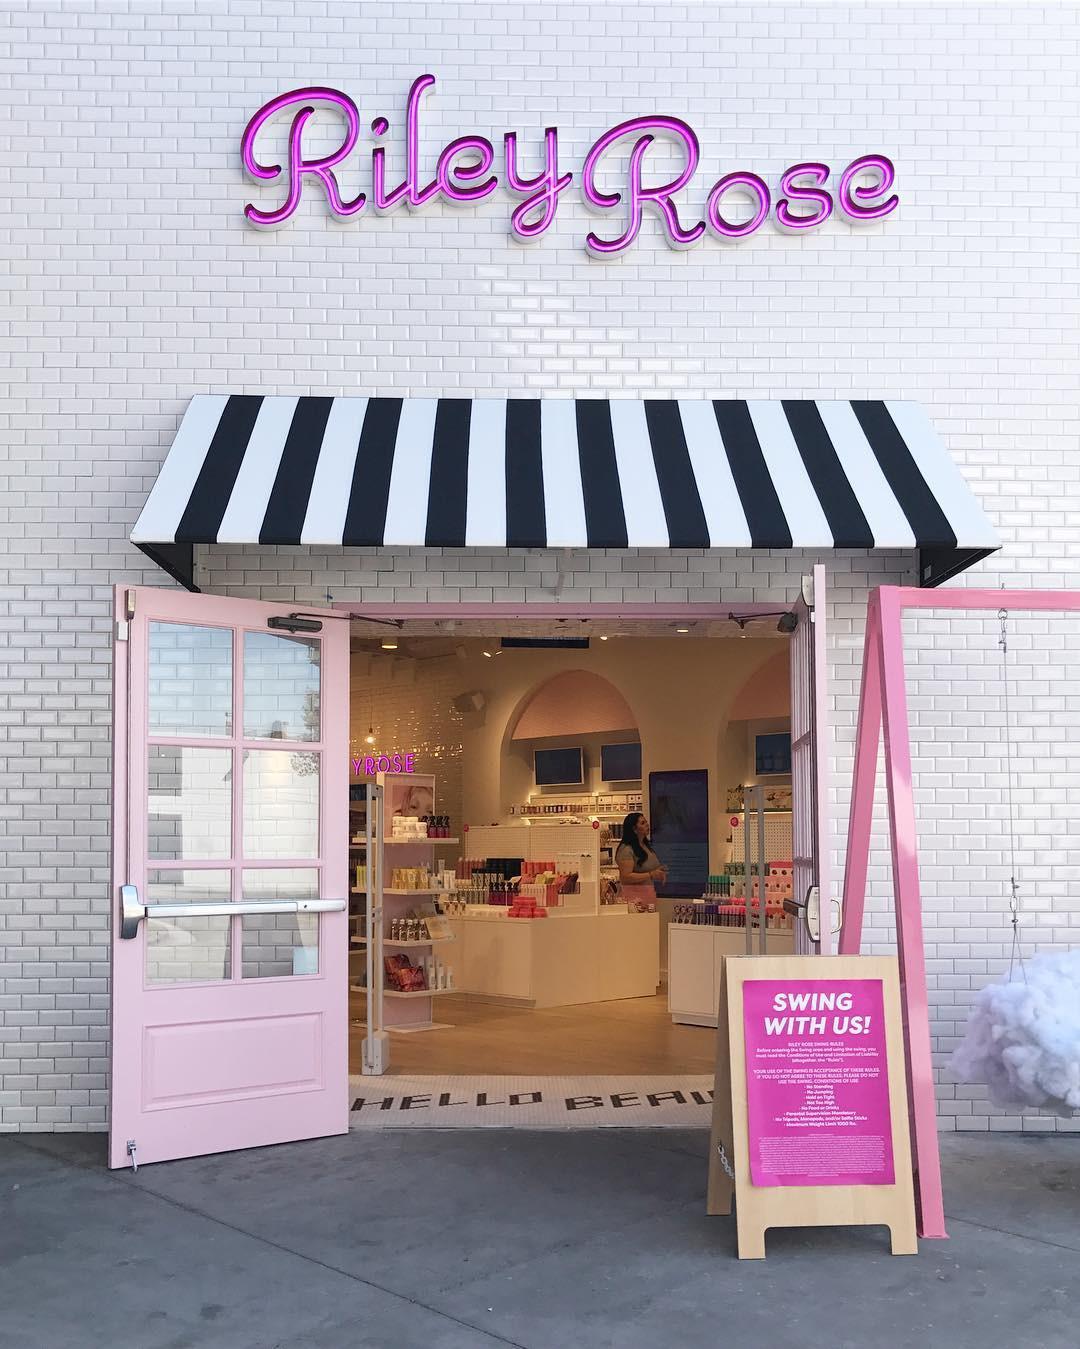 Hóa ra Forever 21 còn có người em tên Riley Rose, beauty store dành riêng cho hội mê làm đẹp và thích sống ảo - Ảnh 1.